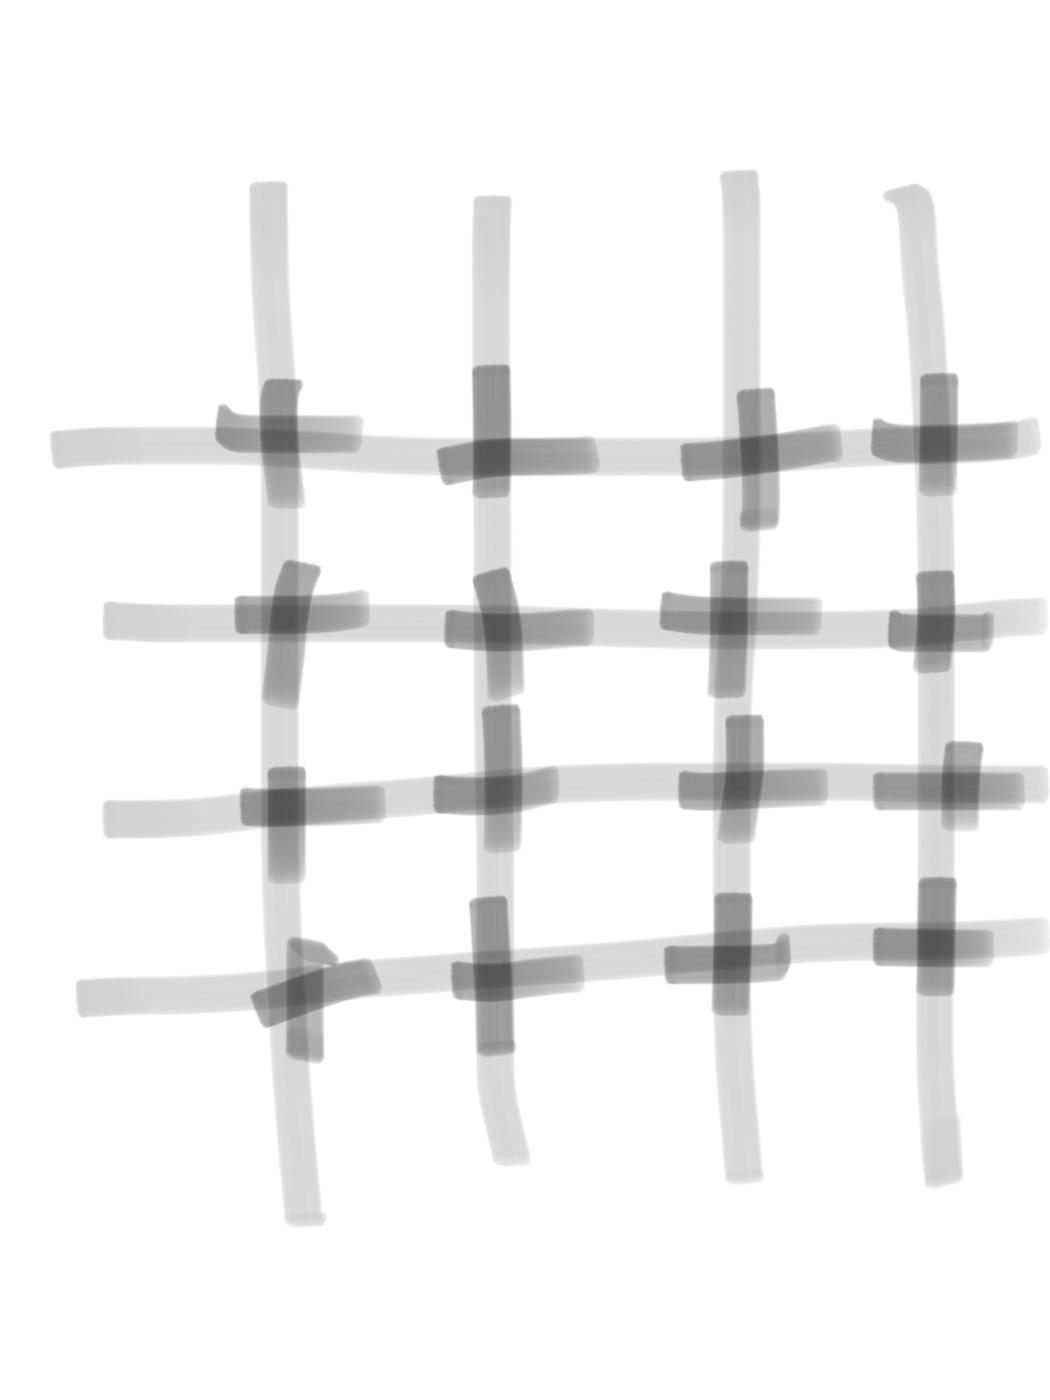 Sketch-500.jpg